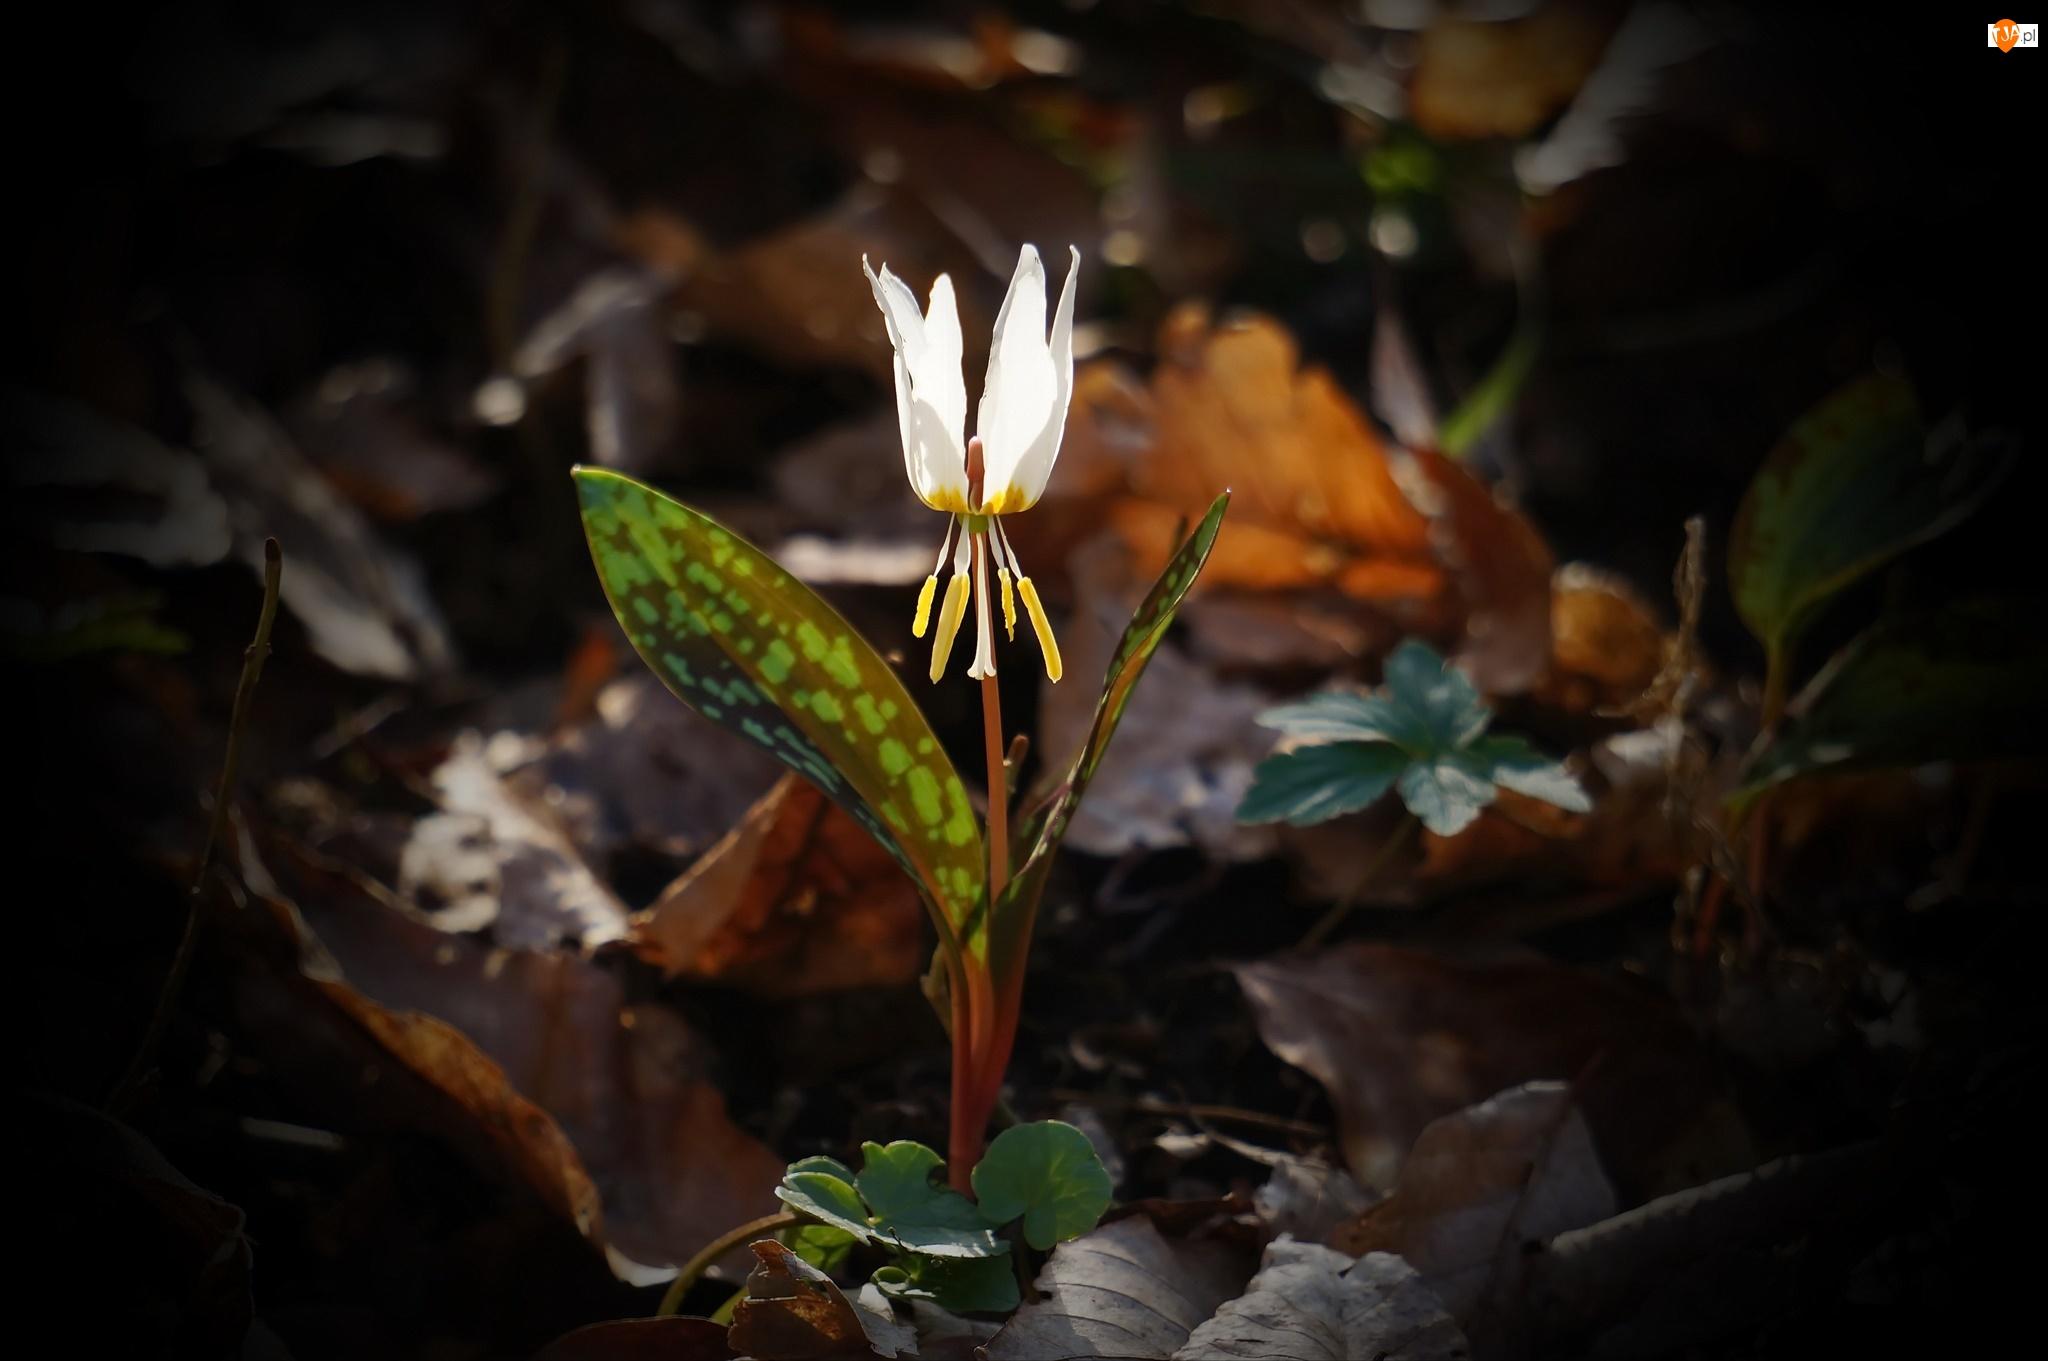 Psiząb, Kwiat, Erythronium, Biały